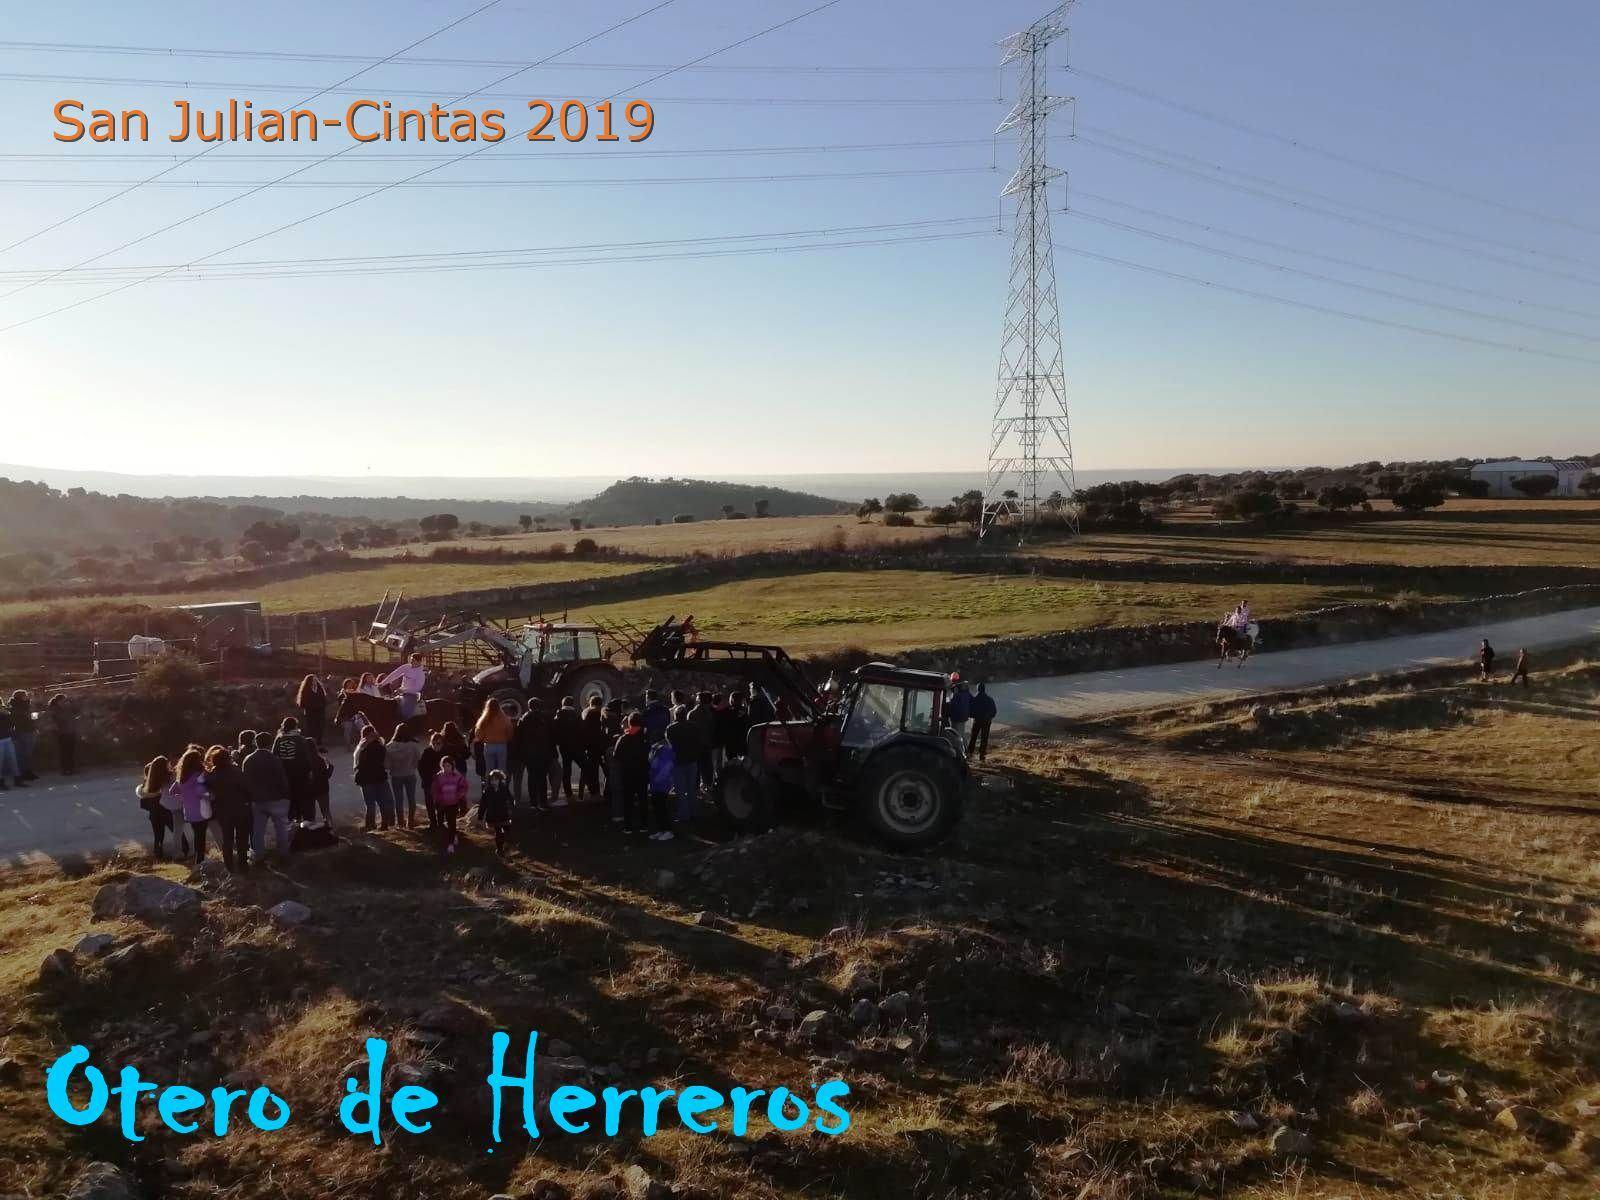 San julian cintas 2019 (6)